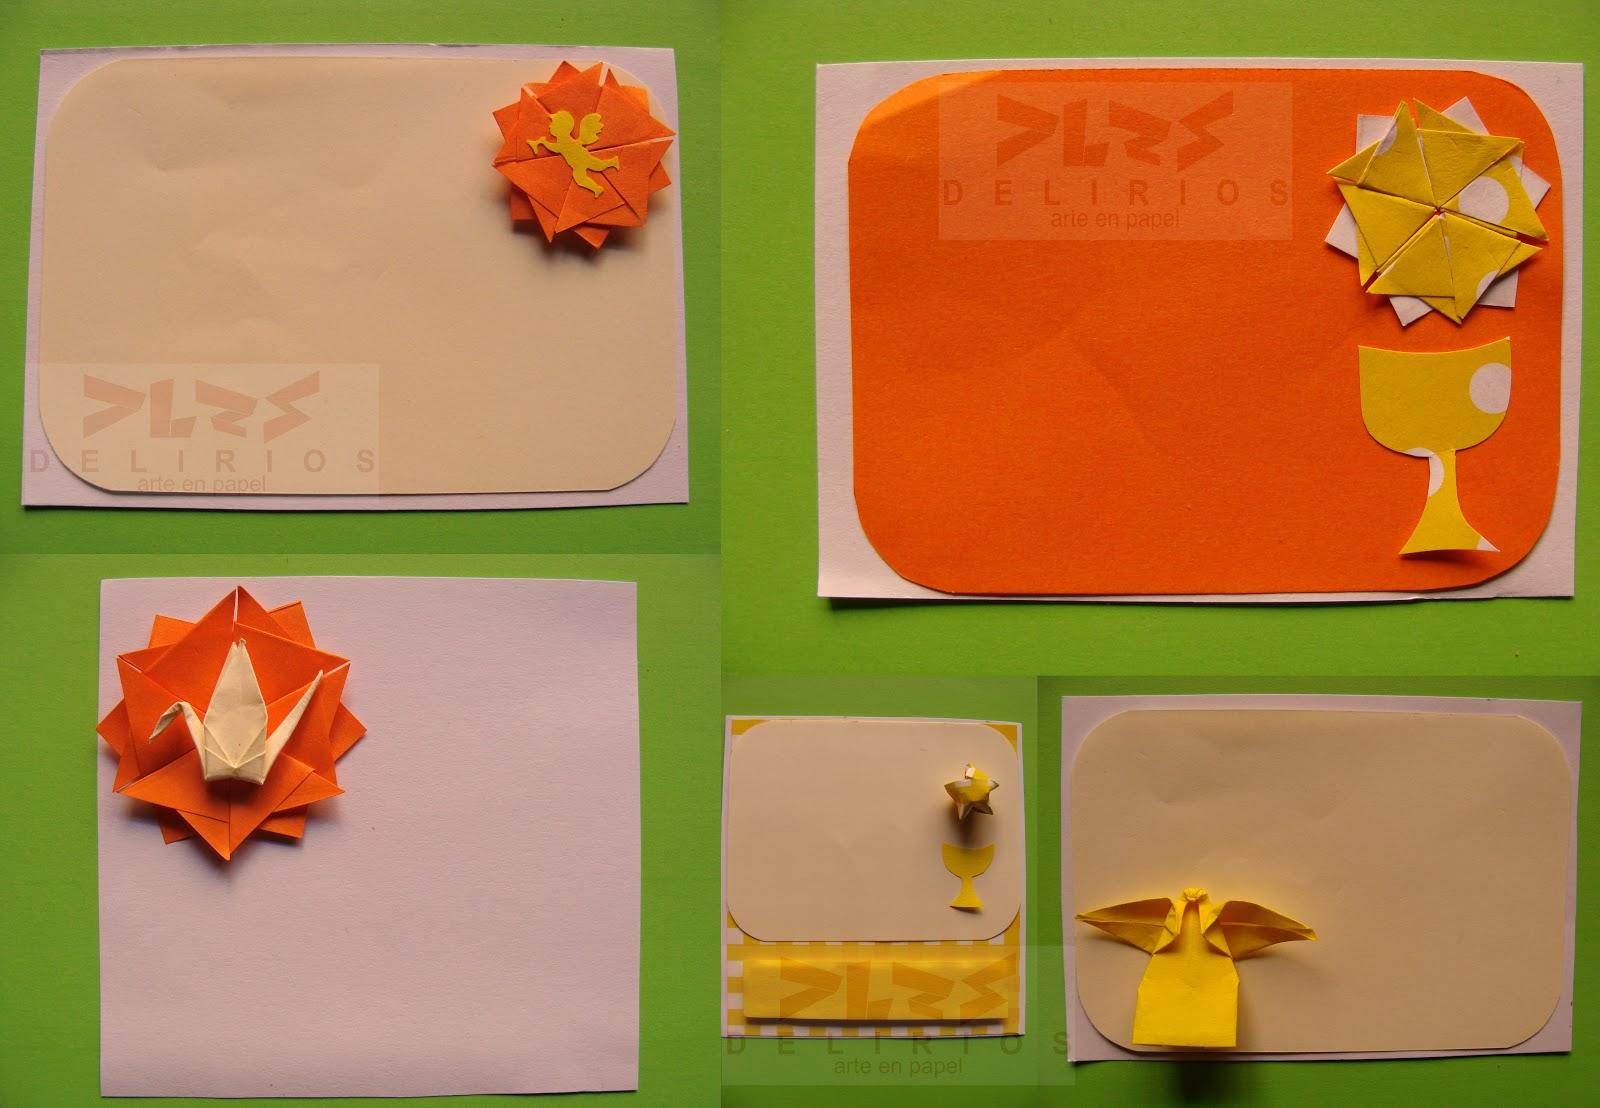 Delirios arte en papel comuni n en origami - Hacer tarjetas de comunion ...